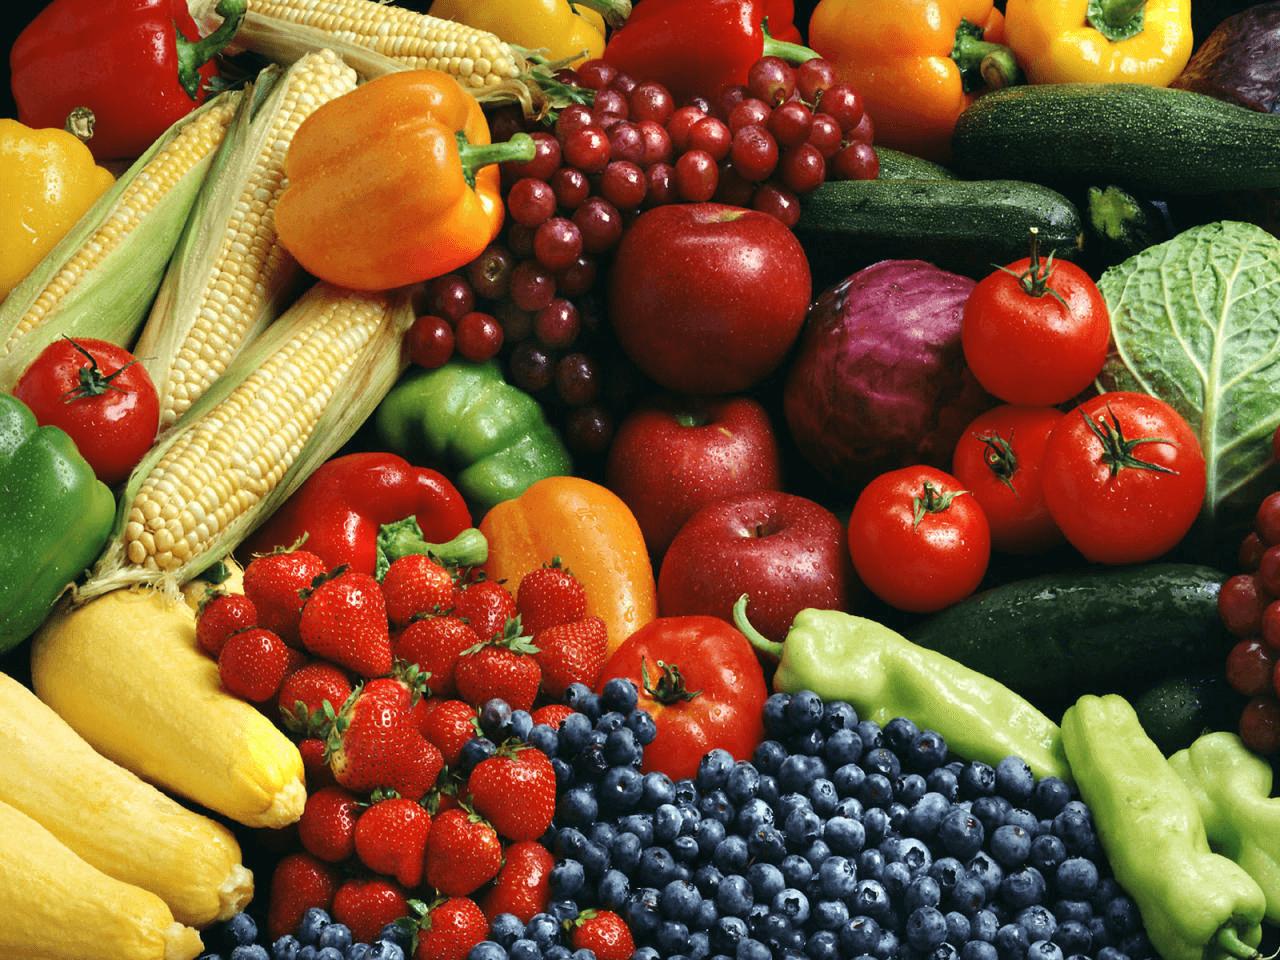 Türkiye'nin Yaş-Sebze Meyve İhracatı Yüzde 45 Arttı